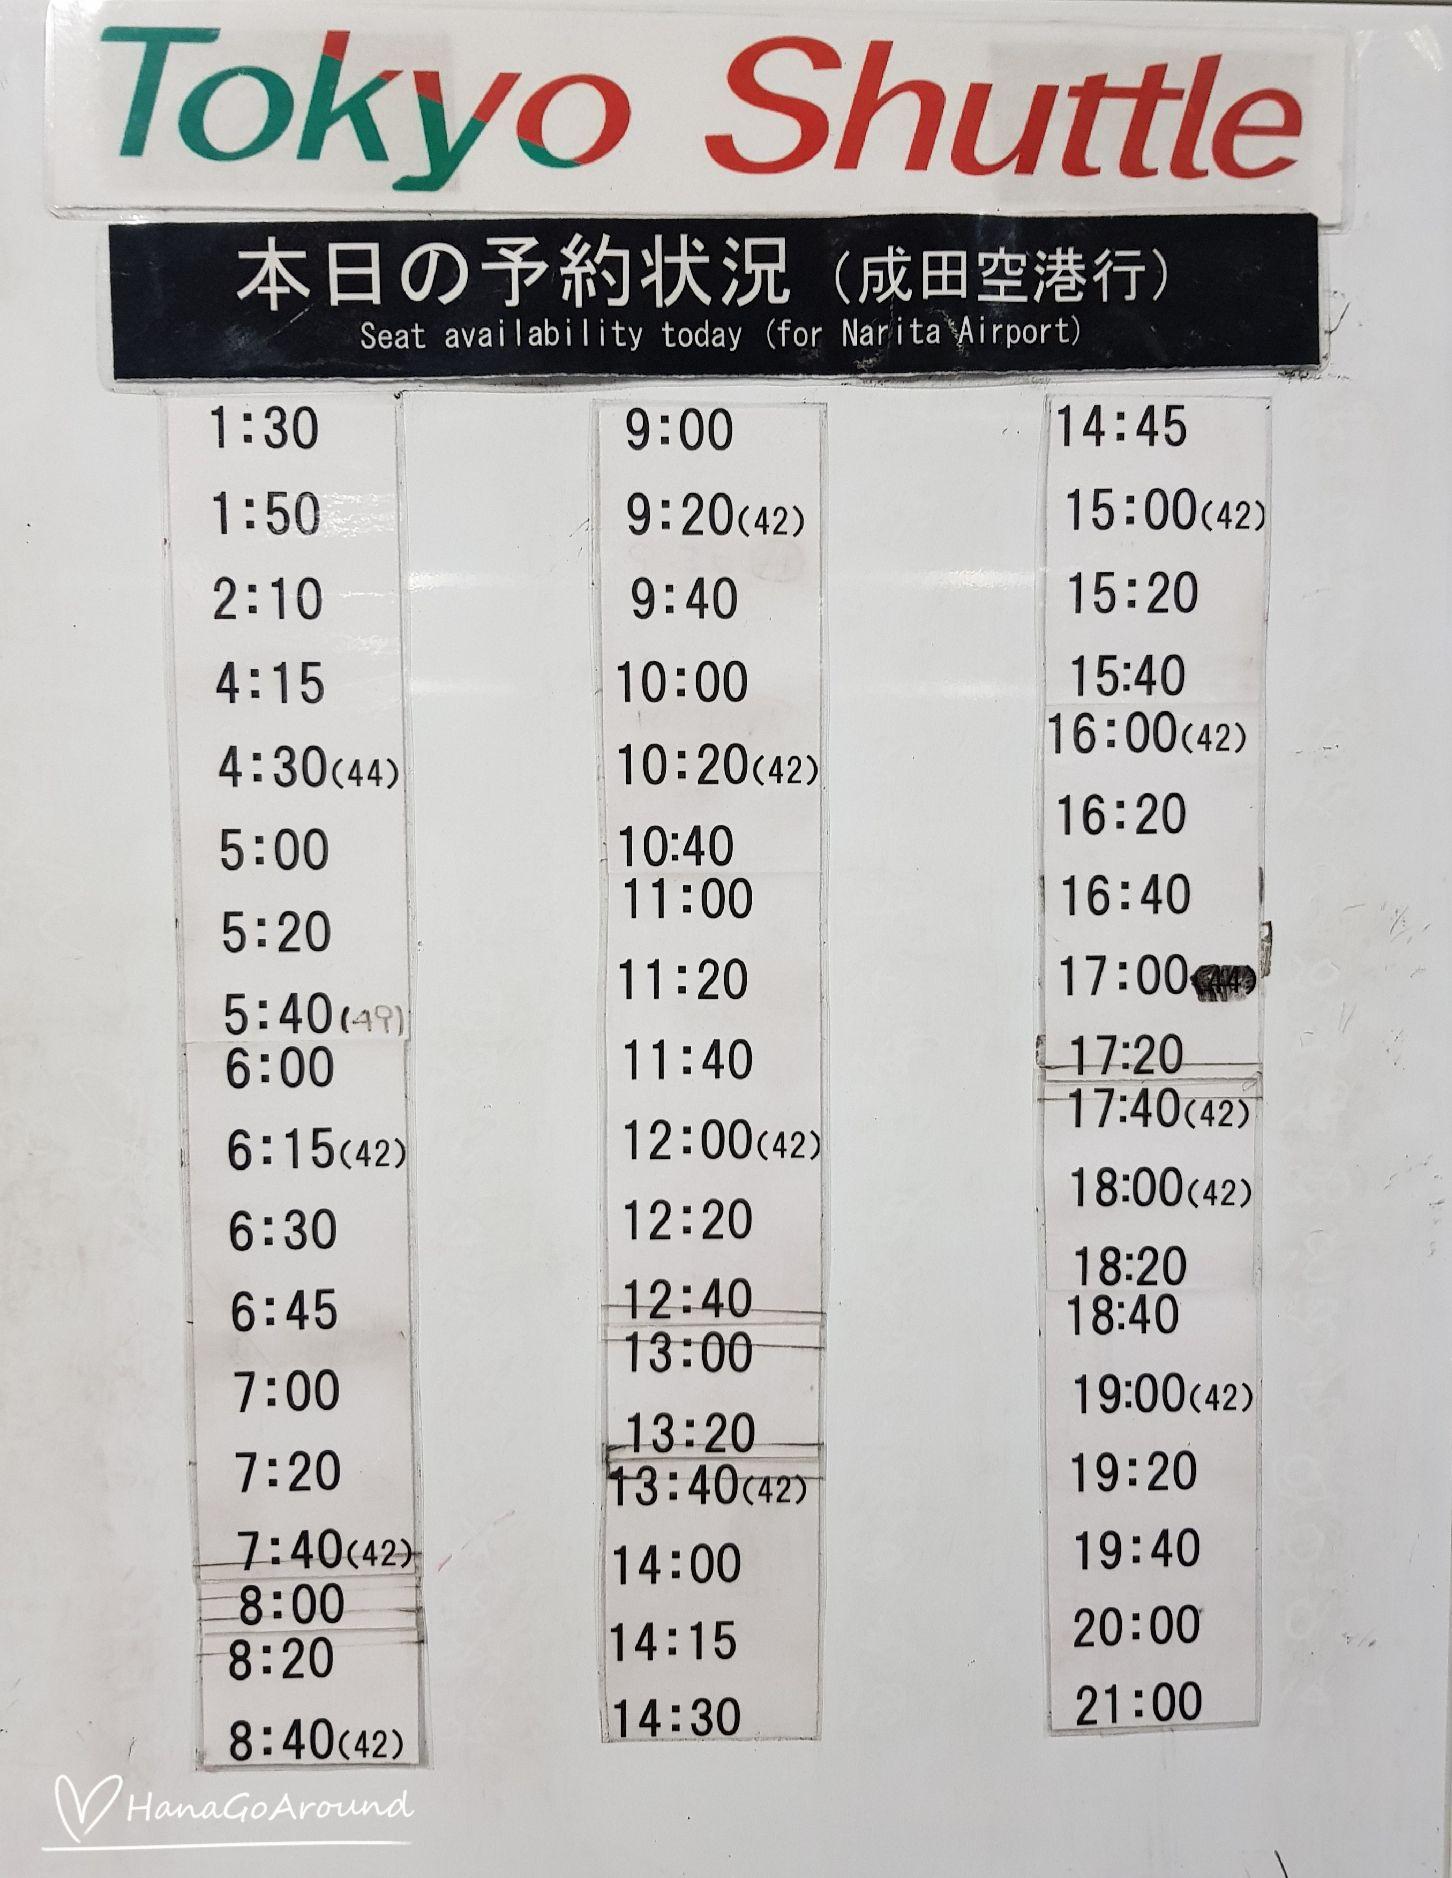 ตารางเวลาเดินรถ Keisei Bus โตเกียว - สนามบินนานาชาตินาริตะ